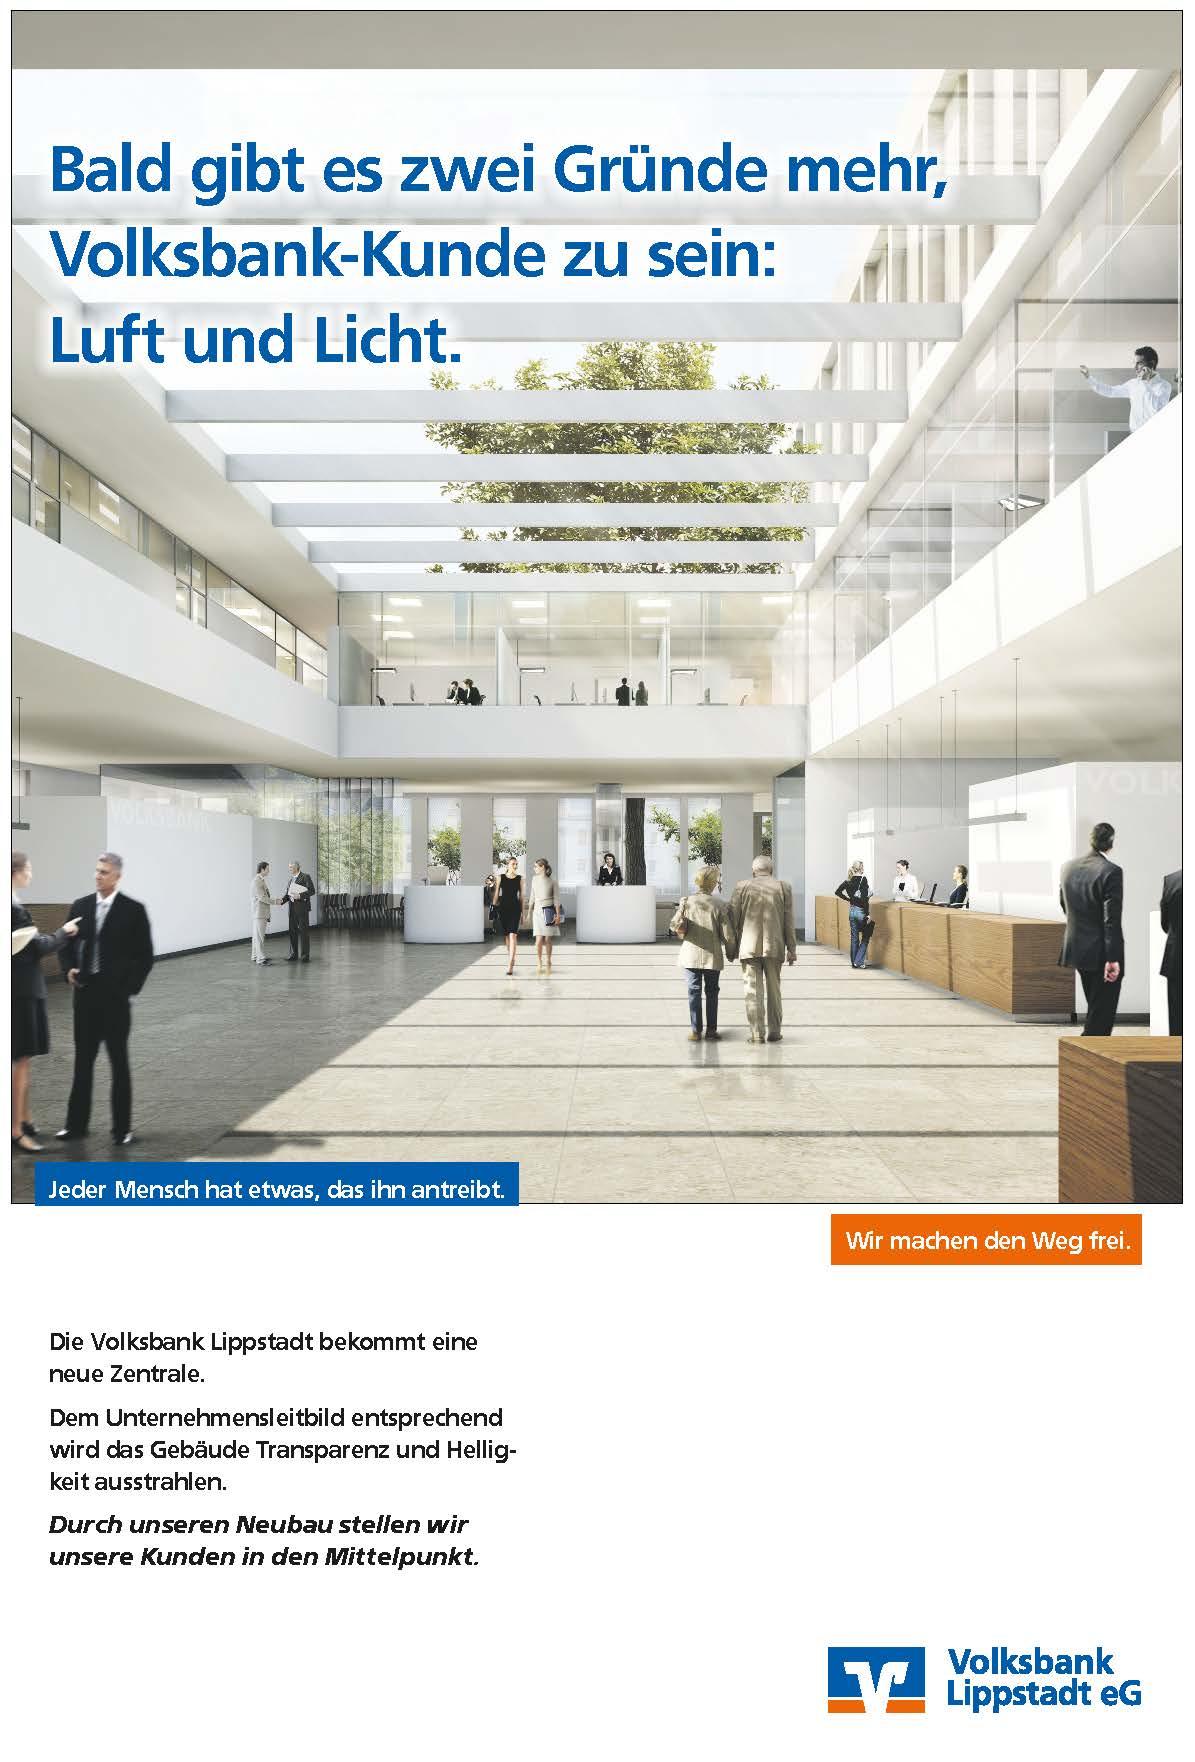 Tageszeitungskampagne der Werbeagentur für die Volksbank Lippstadt